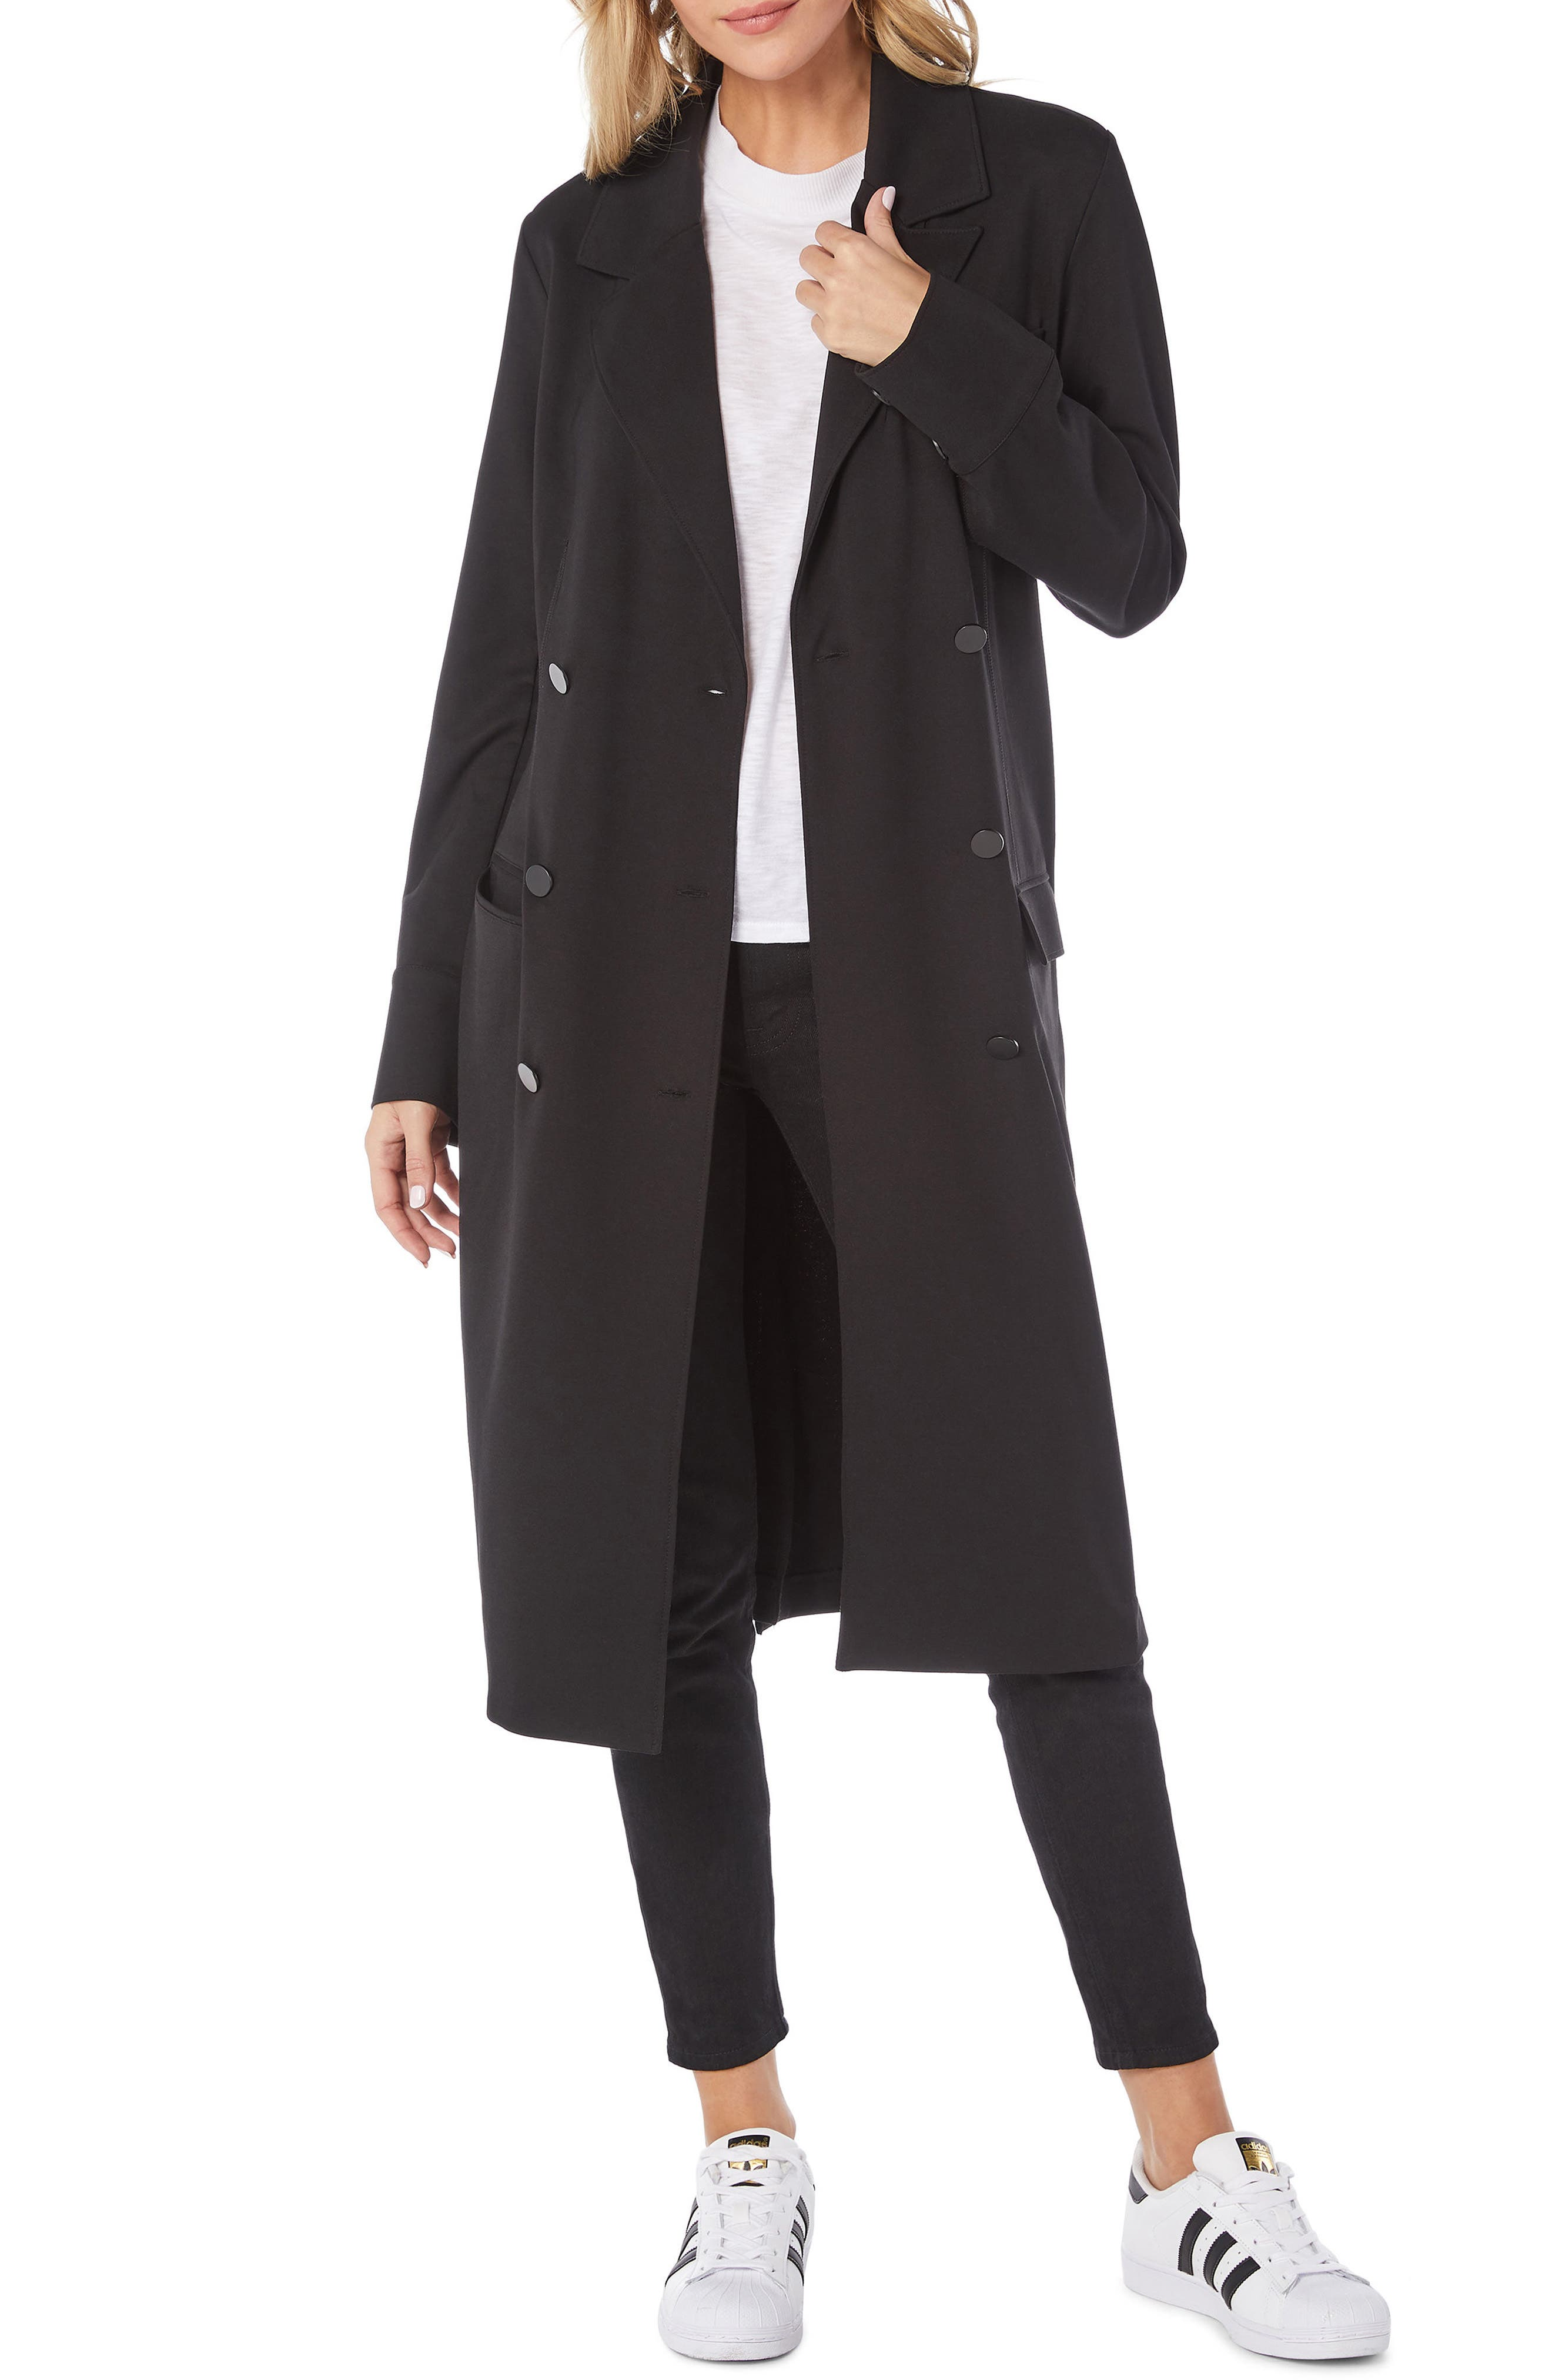 MICHAEL STARS Ponte Coat in Black